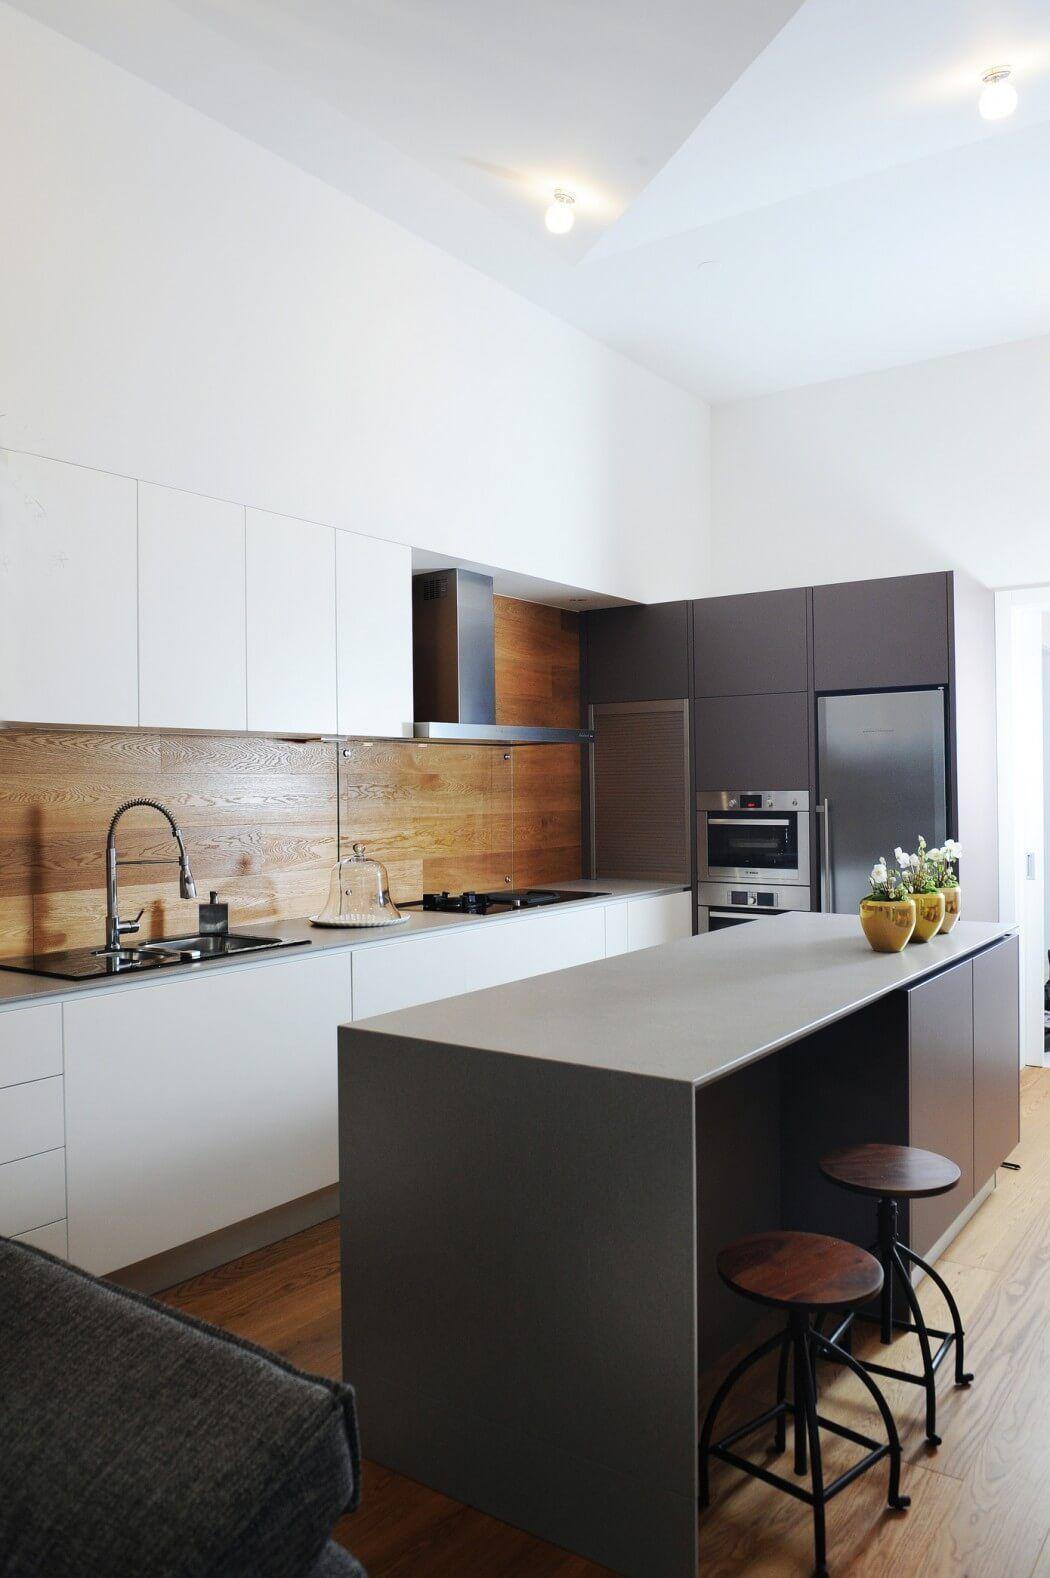 100 idee di cucine moderne con elementi in legno Arredo